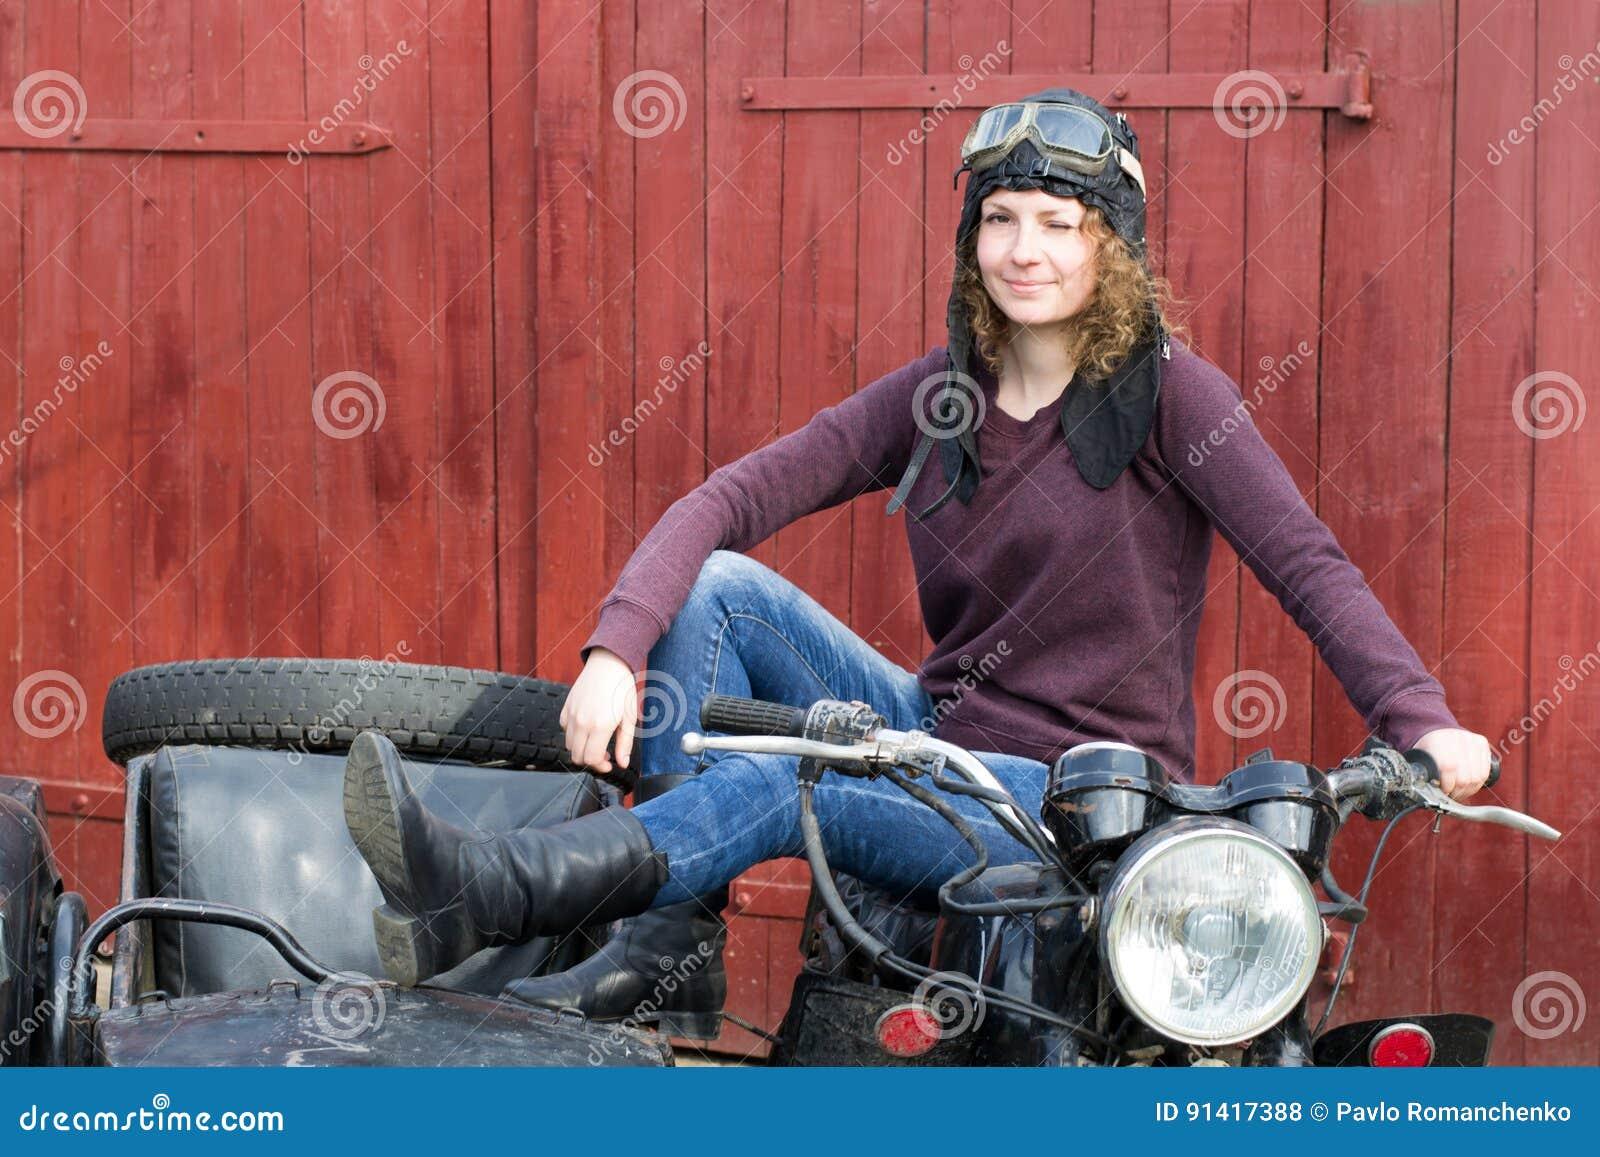 Resultado de imagem para ginger girl pilot